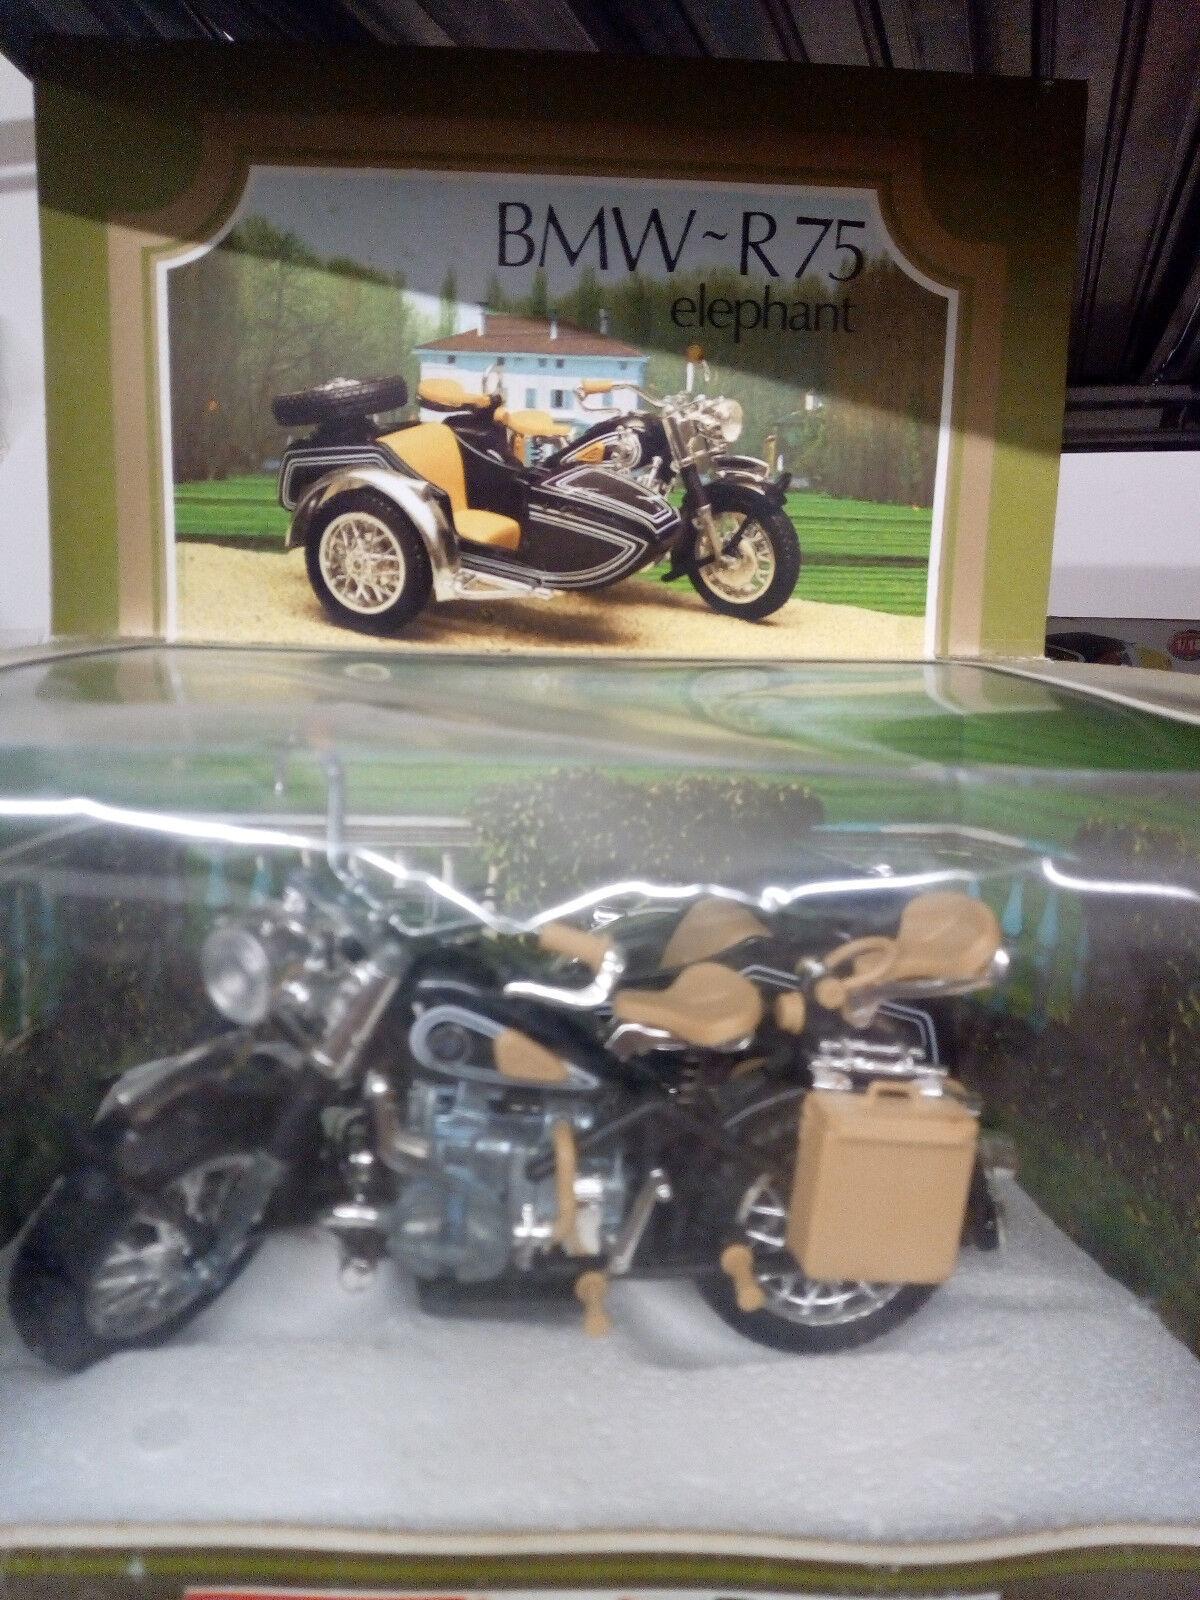 Bmw Bmw Bmw r75 sidecar scale 1 15, vintage Polistil DIECAST, New en Box-en su embalaje original e30e46